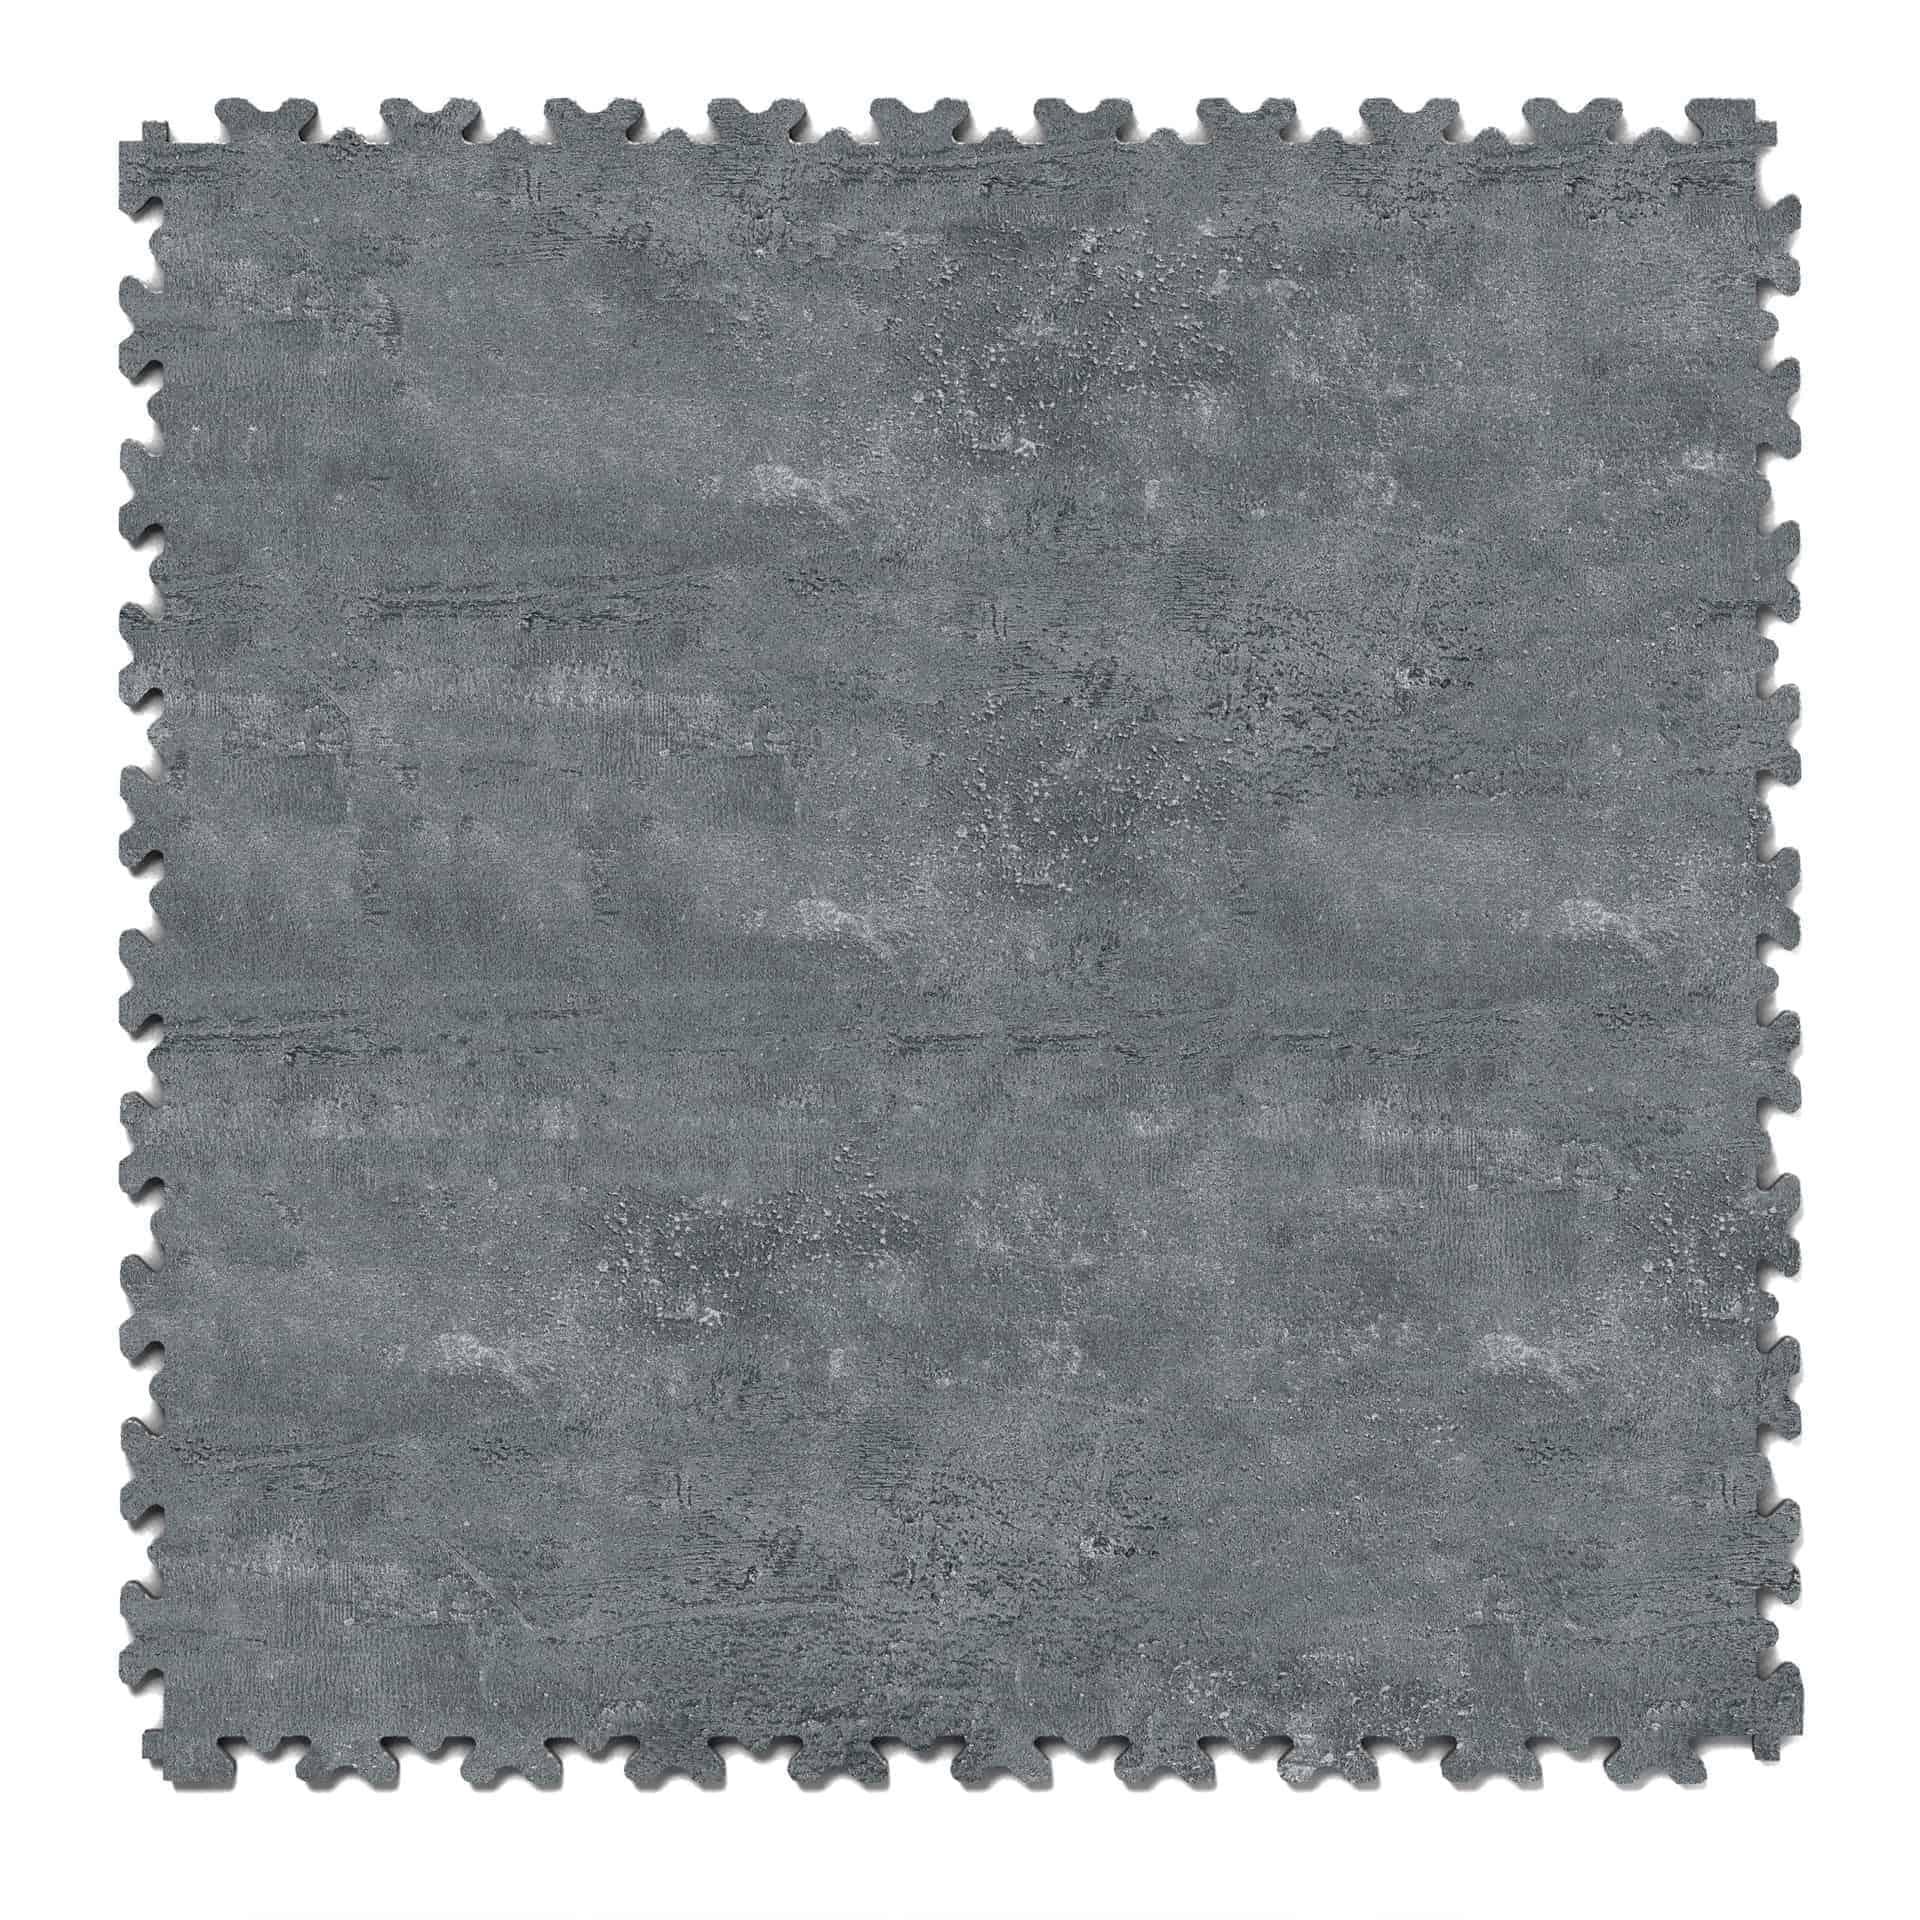 Impression Concrete Dark